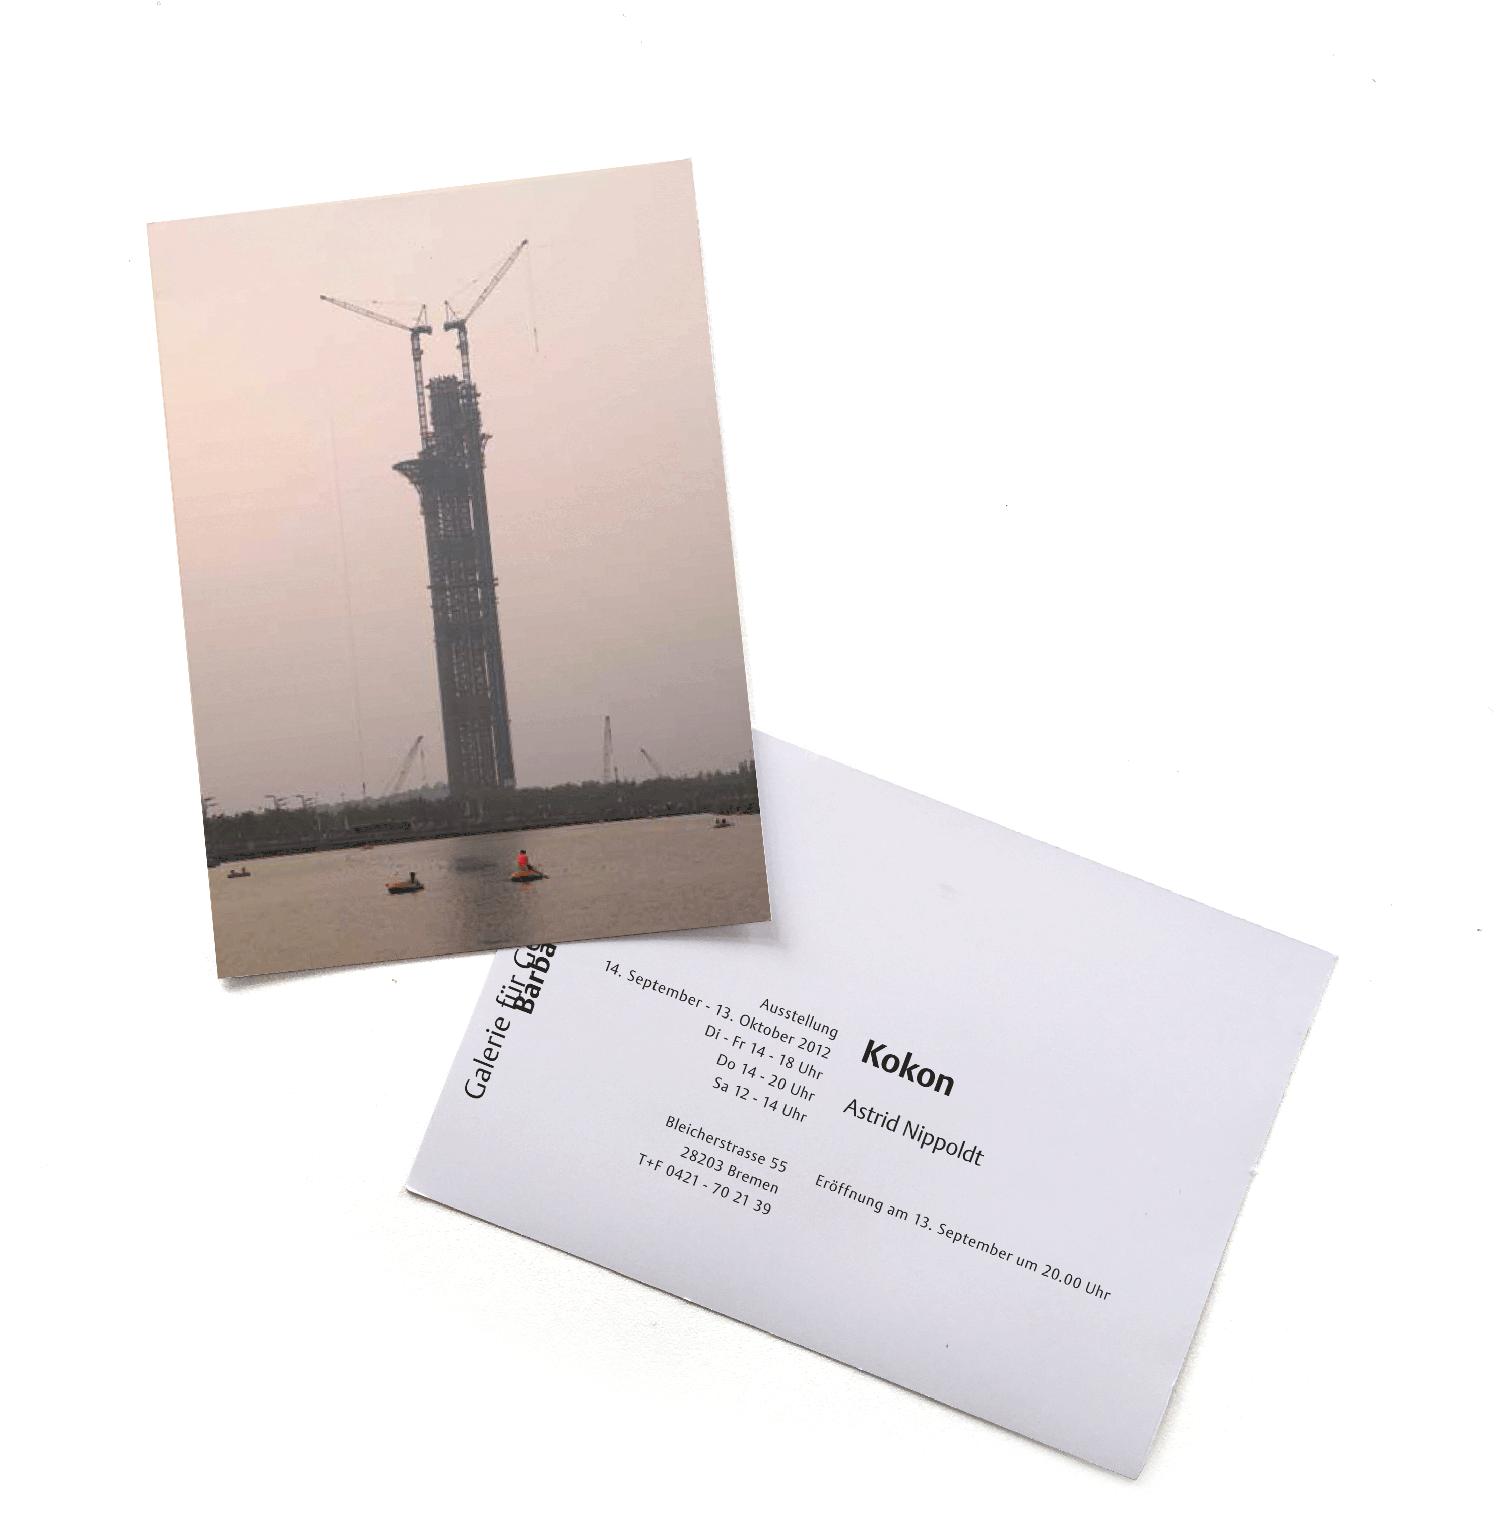 ASTRID-NIPPOLD-KOKON-1